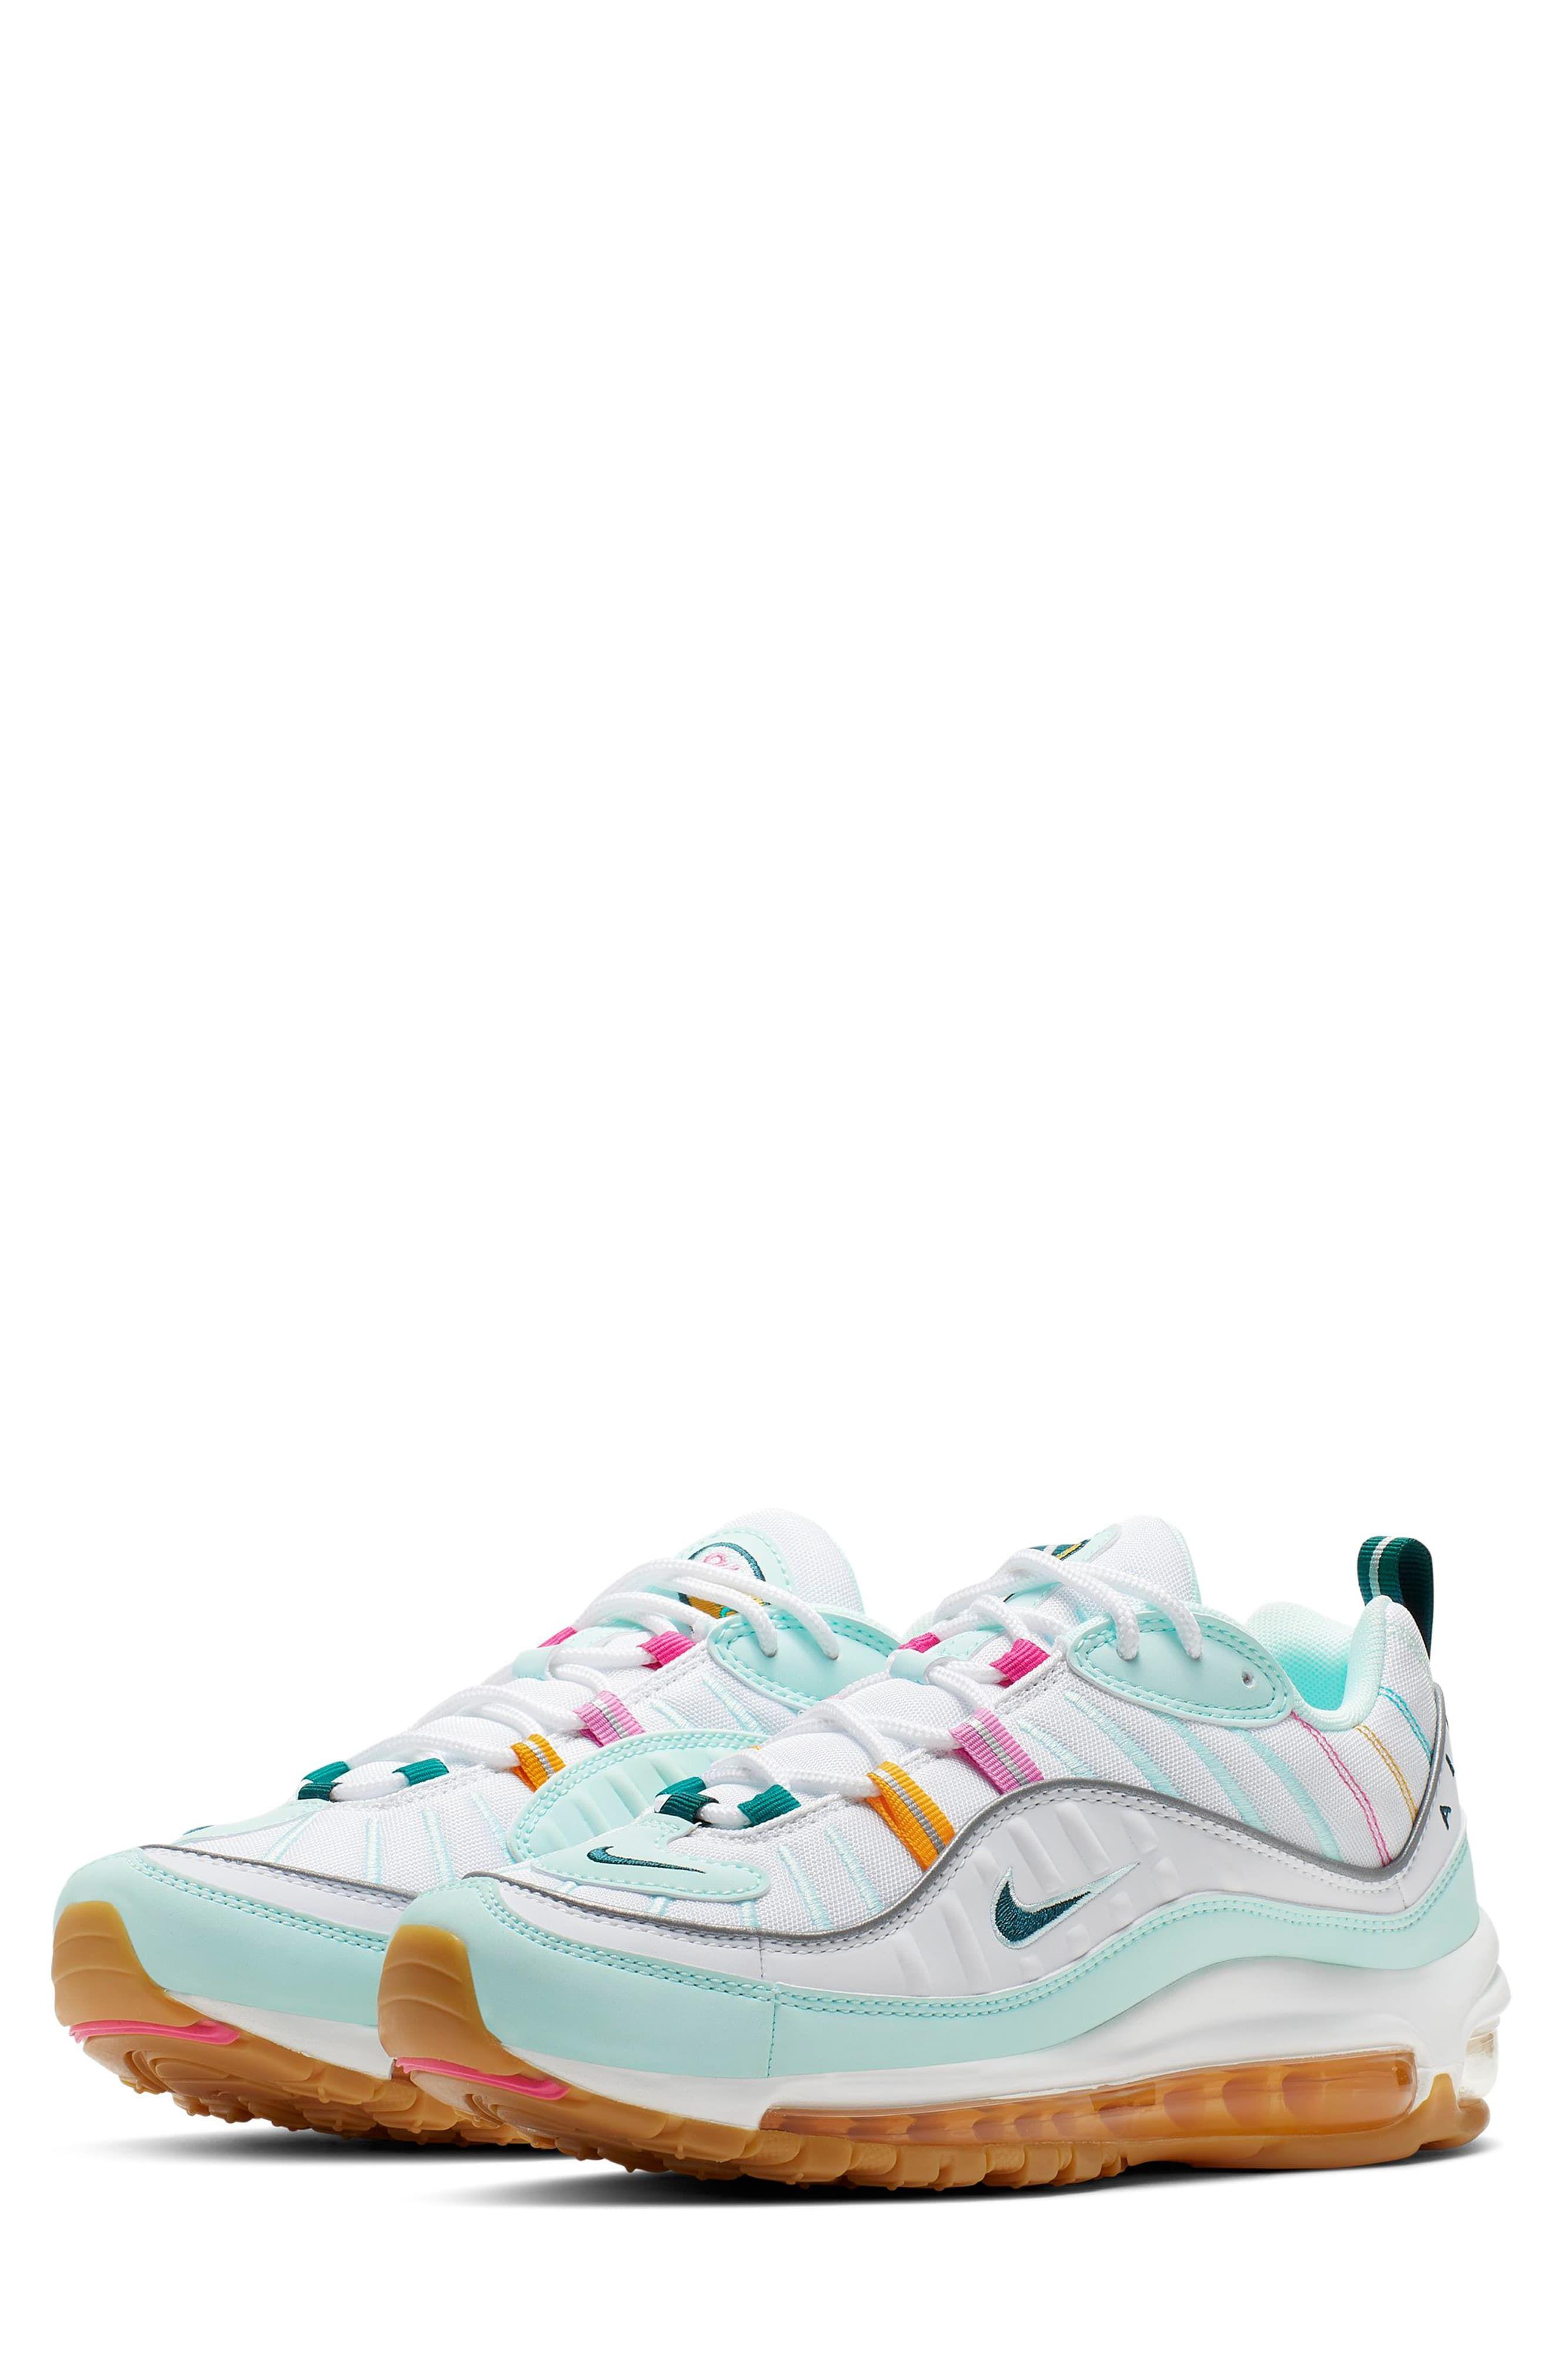 Nike Air Max 98 S2S Sneaker (Women | Sneakers nike air max